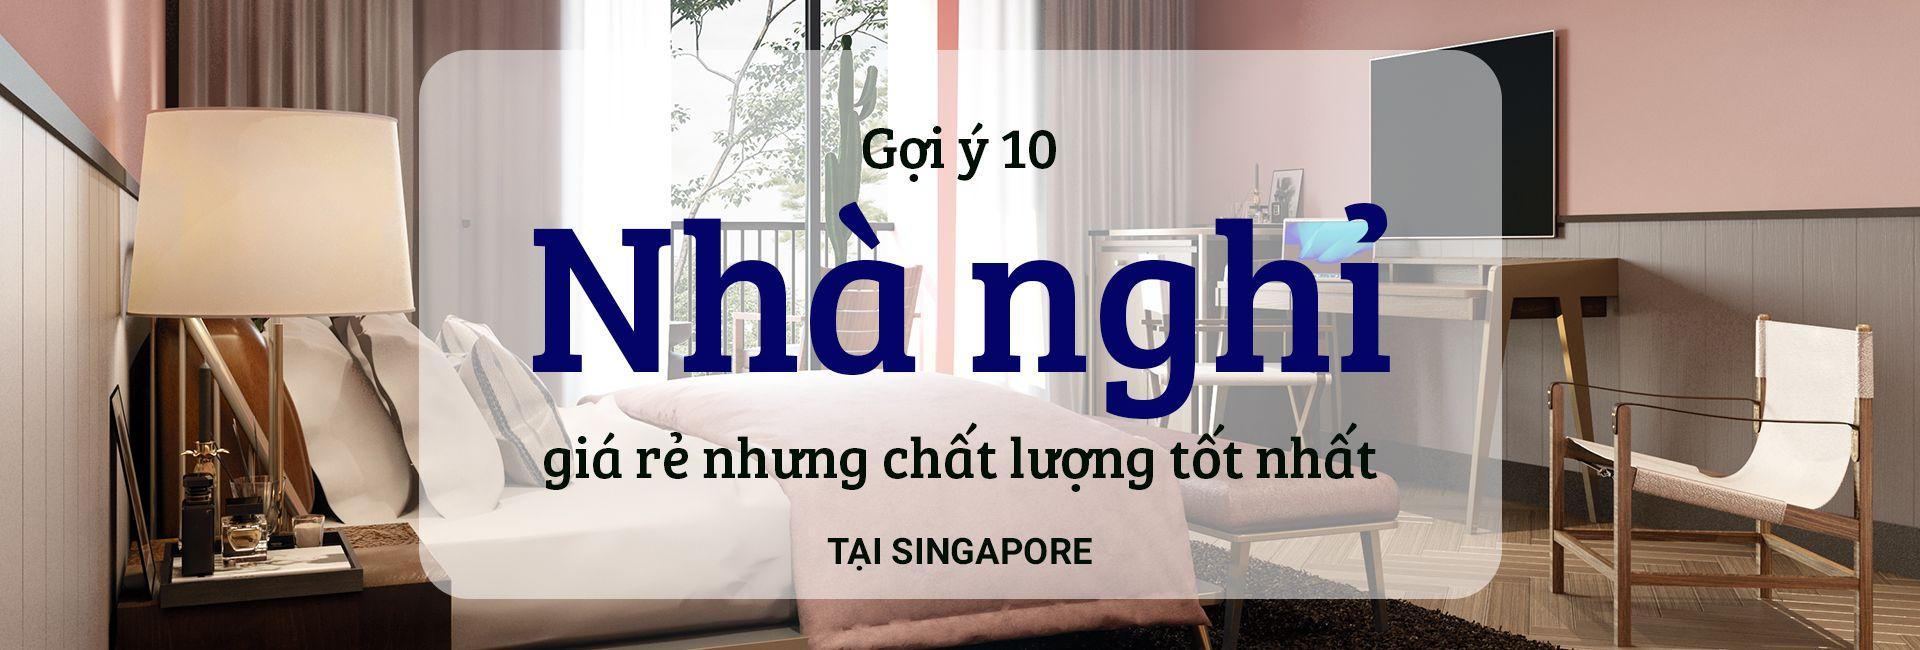 Top 10 nhà nghỉ giá rẻ, chất lượng tại Singpapore